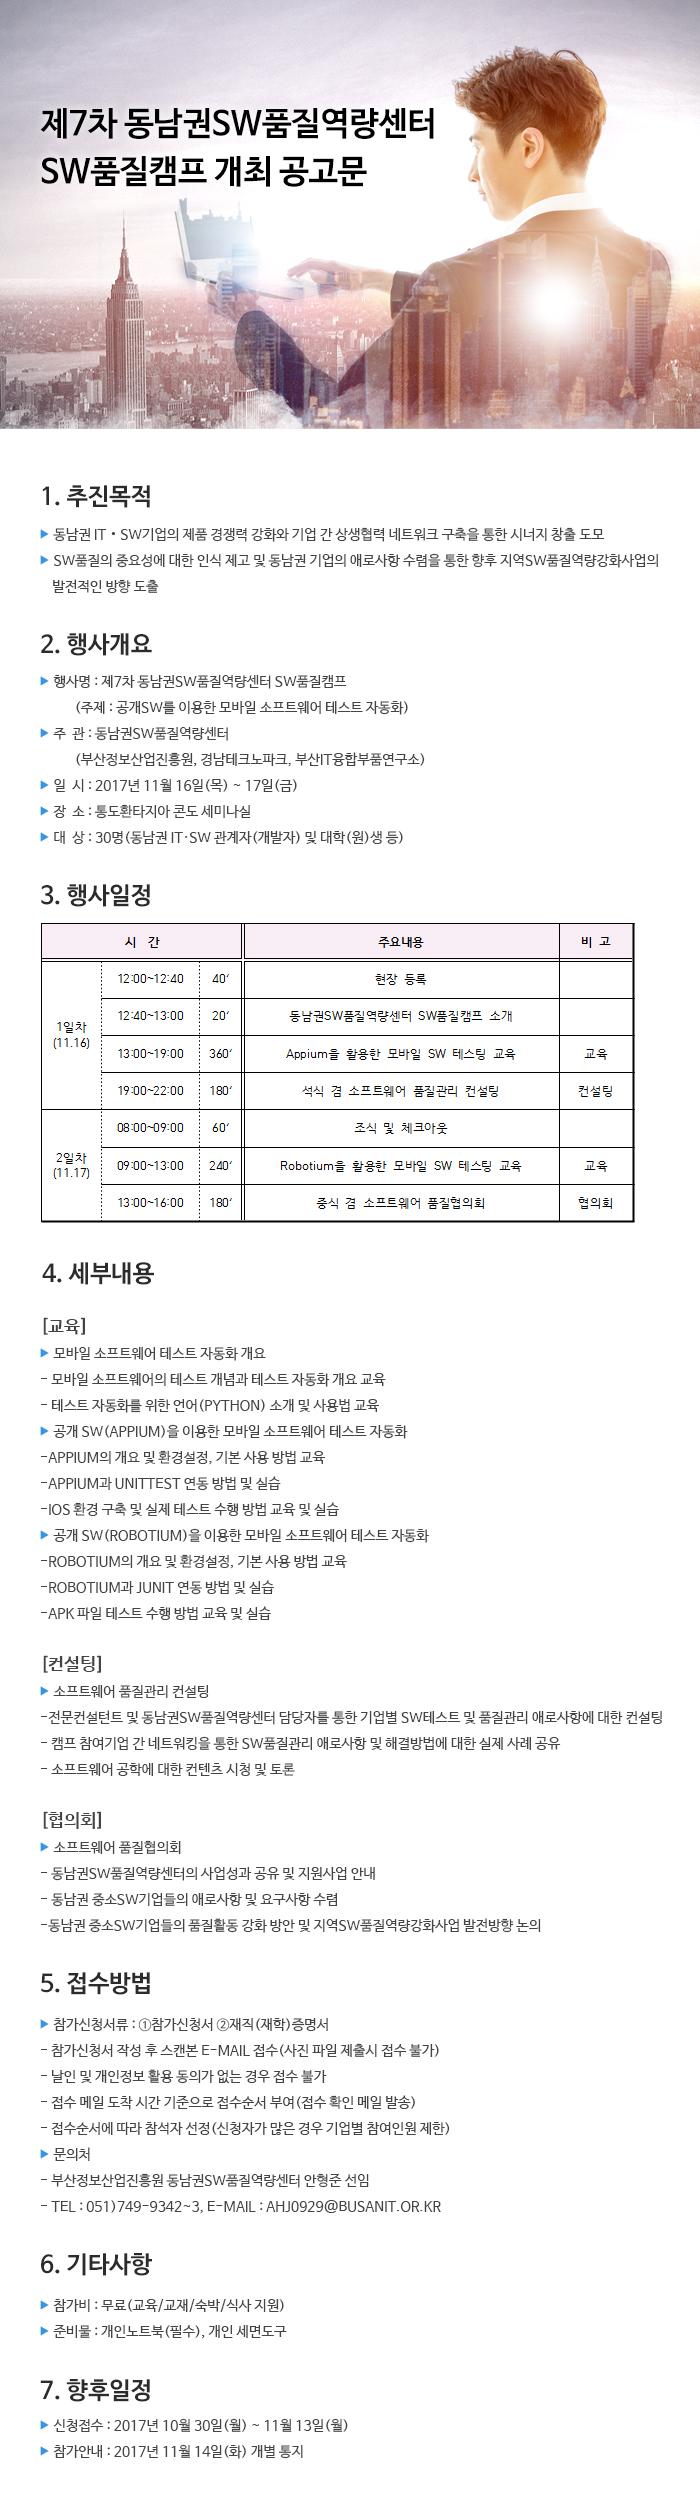 제7차 동남권SW품질역량센터 SW품질캠프 개최 공고문